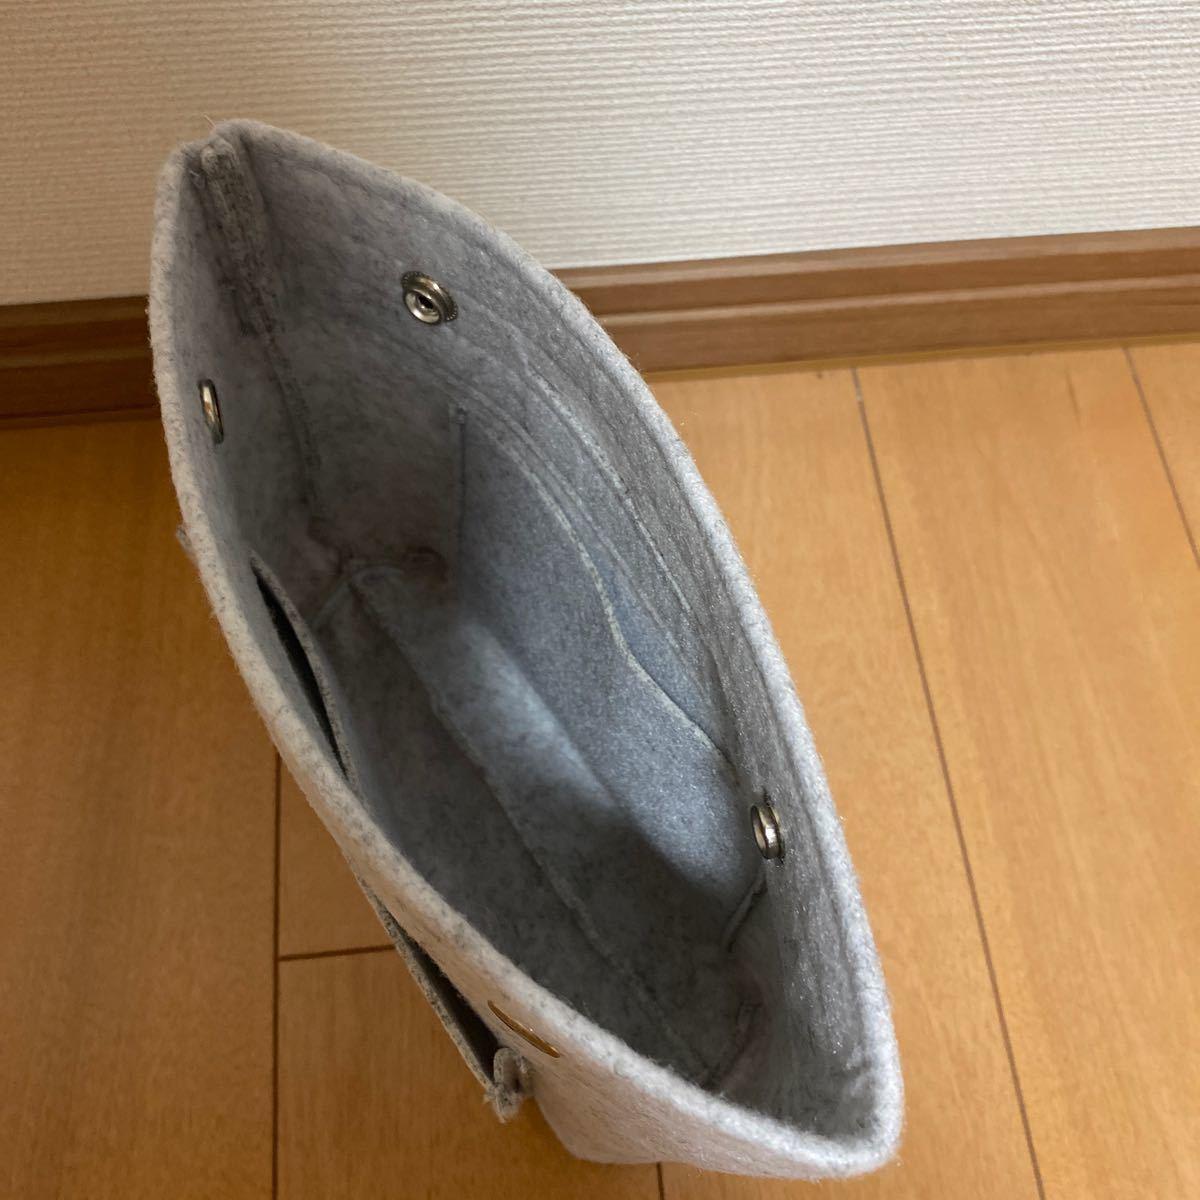 バッグインバッグ フェルト メンズ レディース 選べる2サイズ 小さめ 大きめ 小物入れ インナーバッグ バックインバック 整理